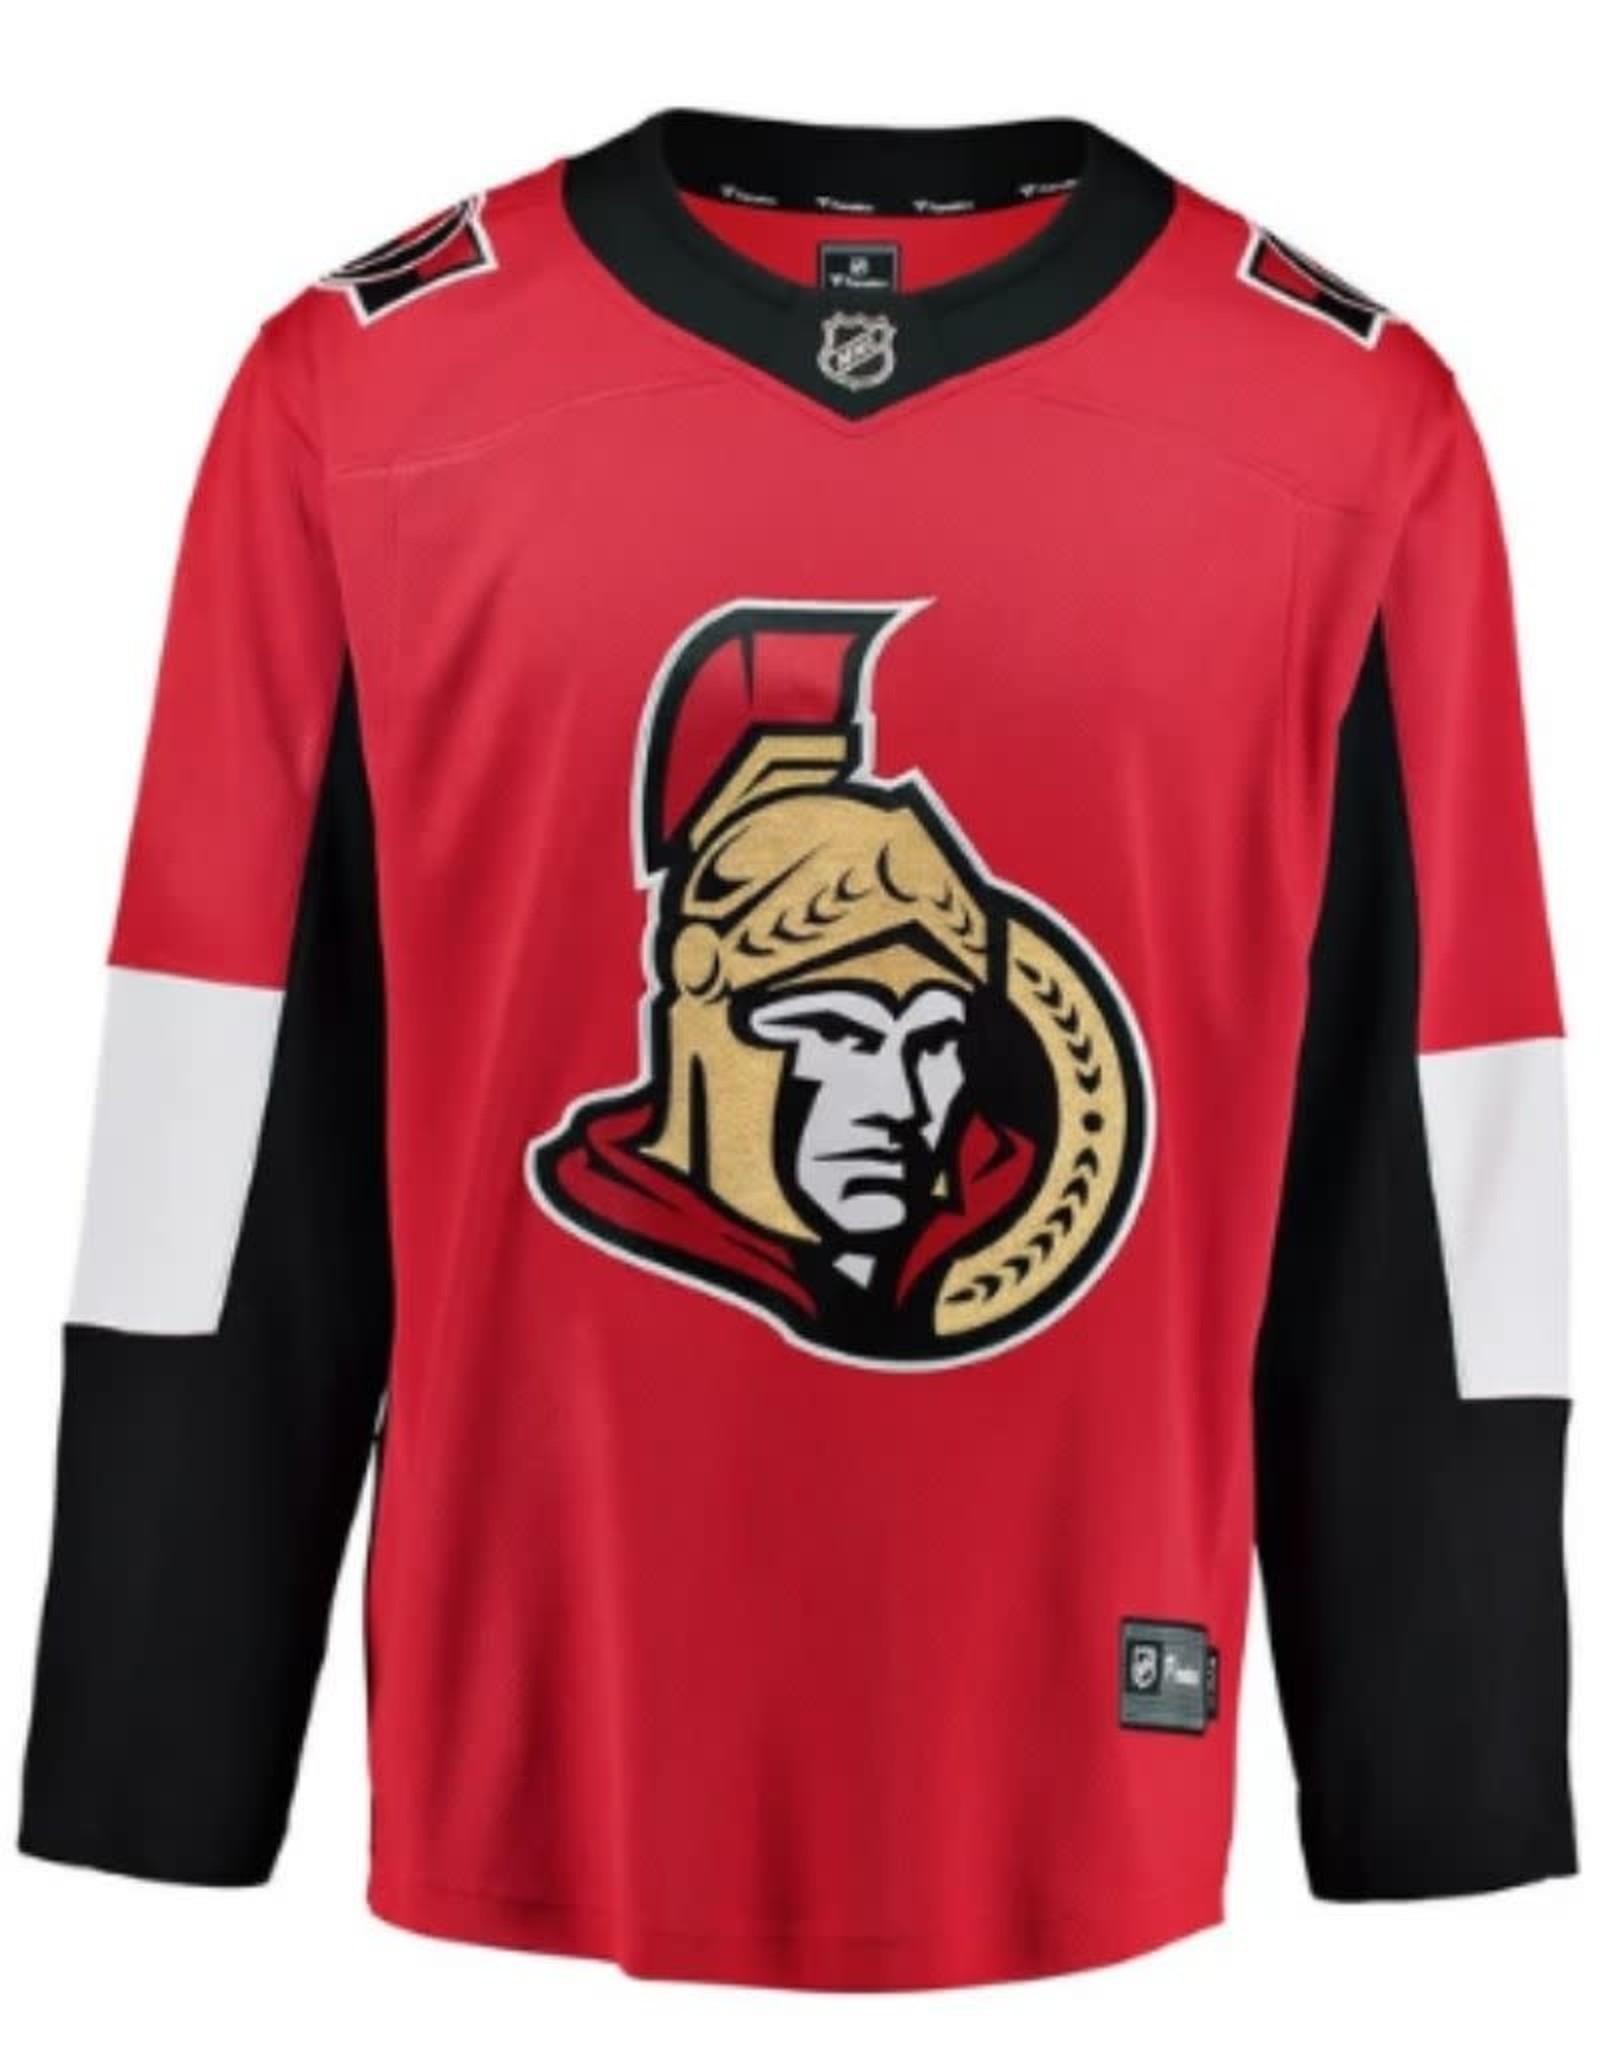 Fanatics Fanatics Adult Breakaway Ottawa Senators Jersey Red